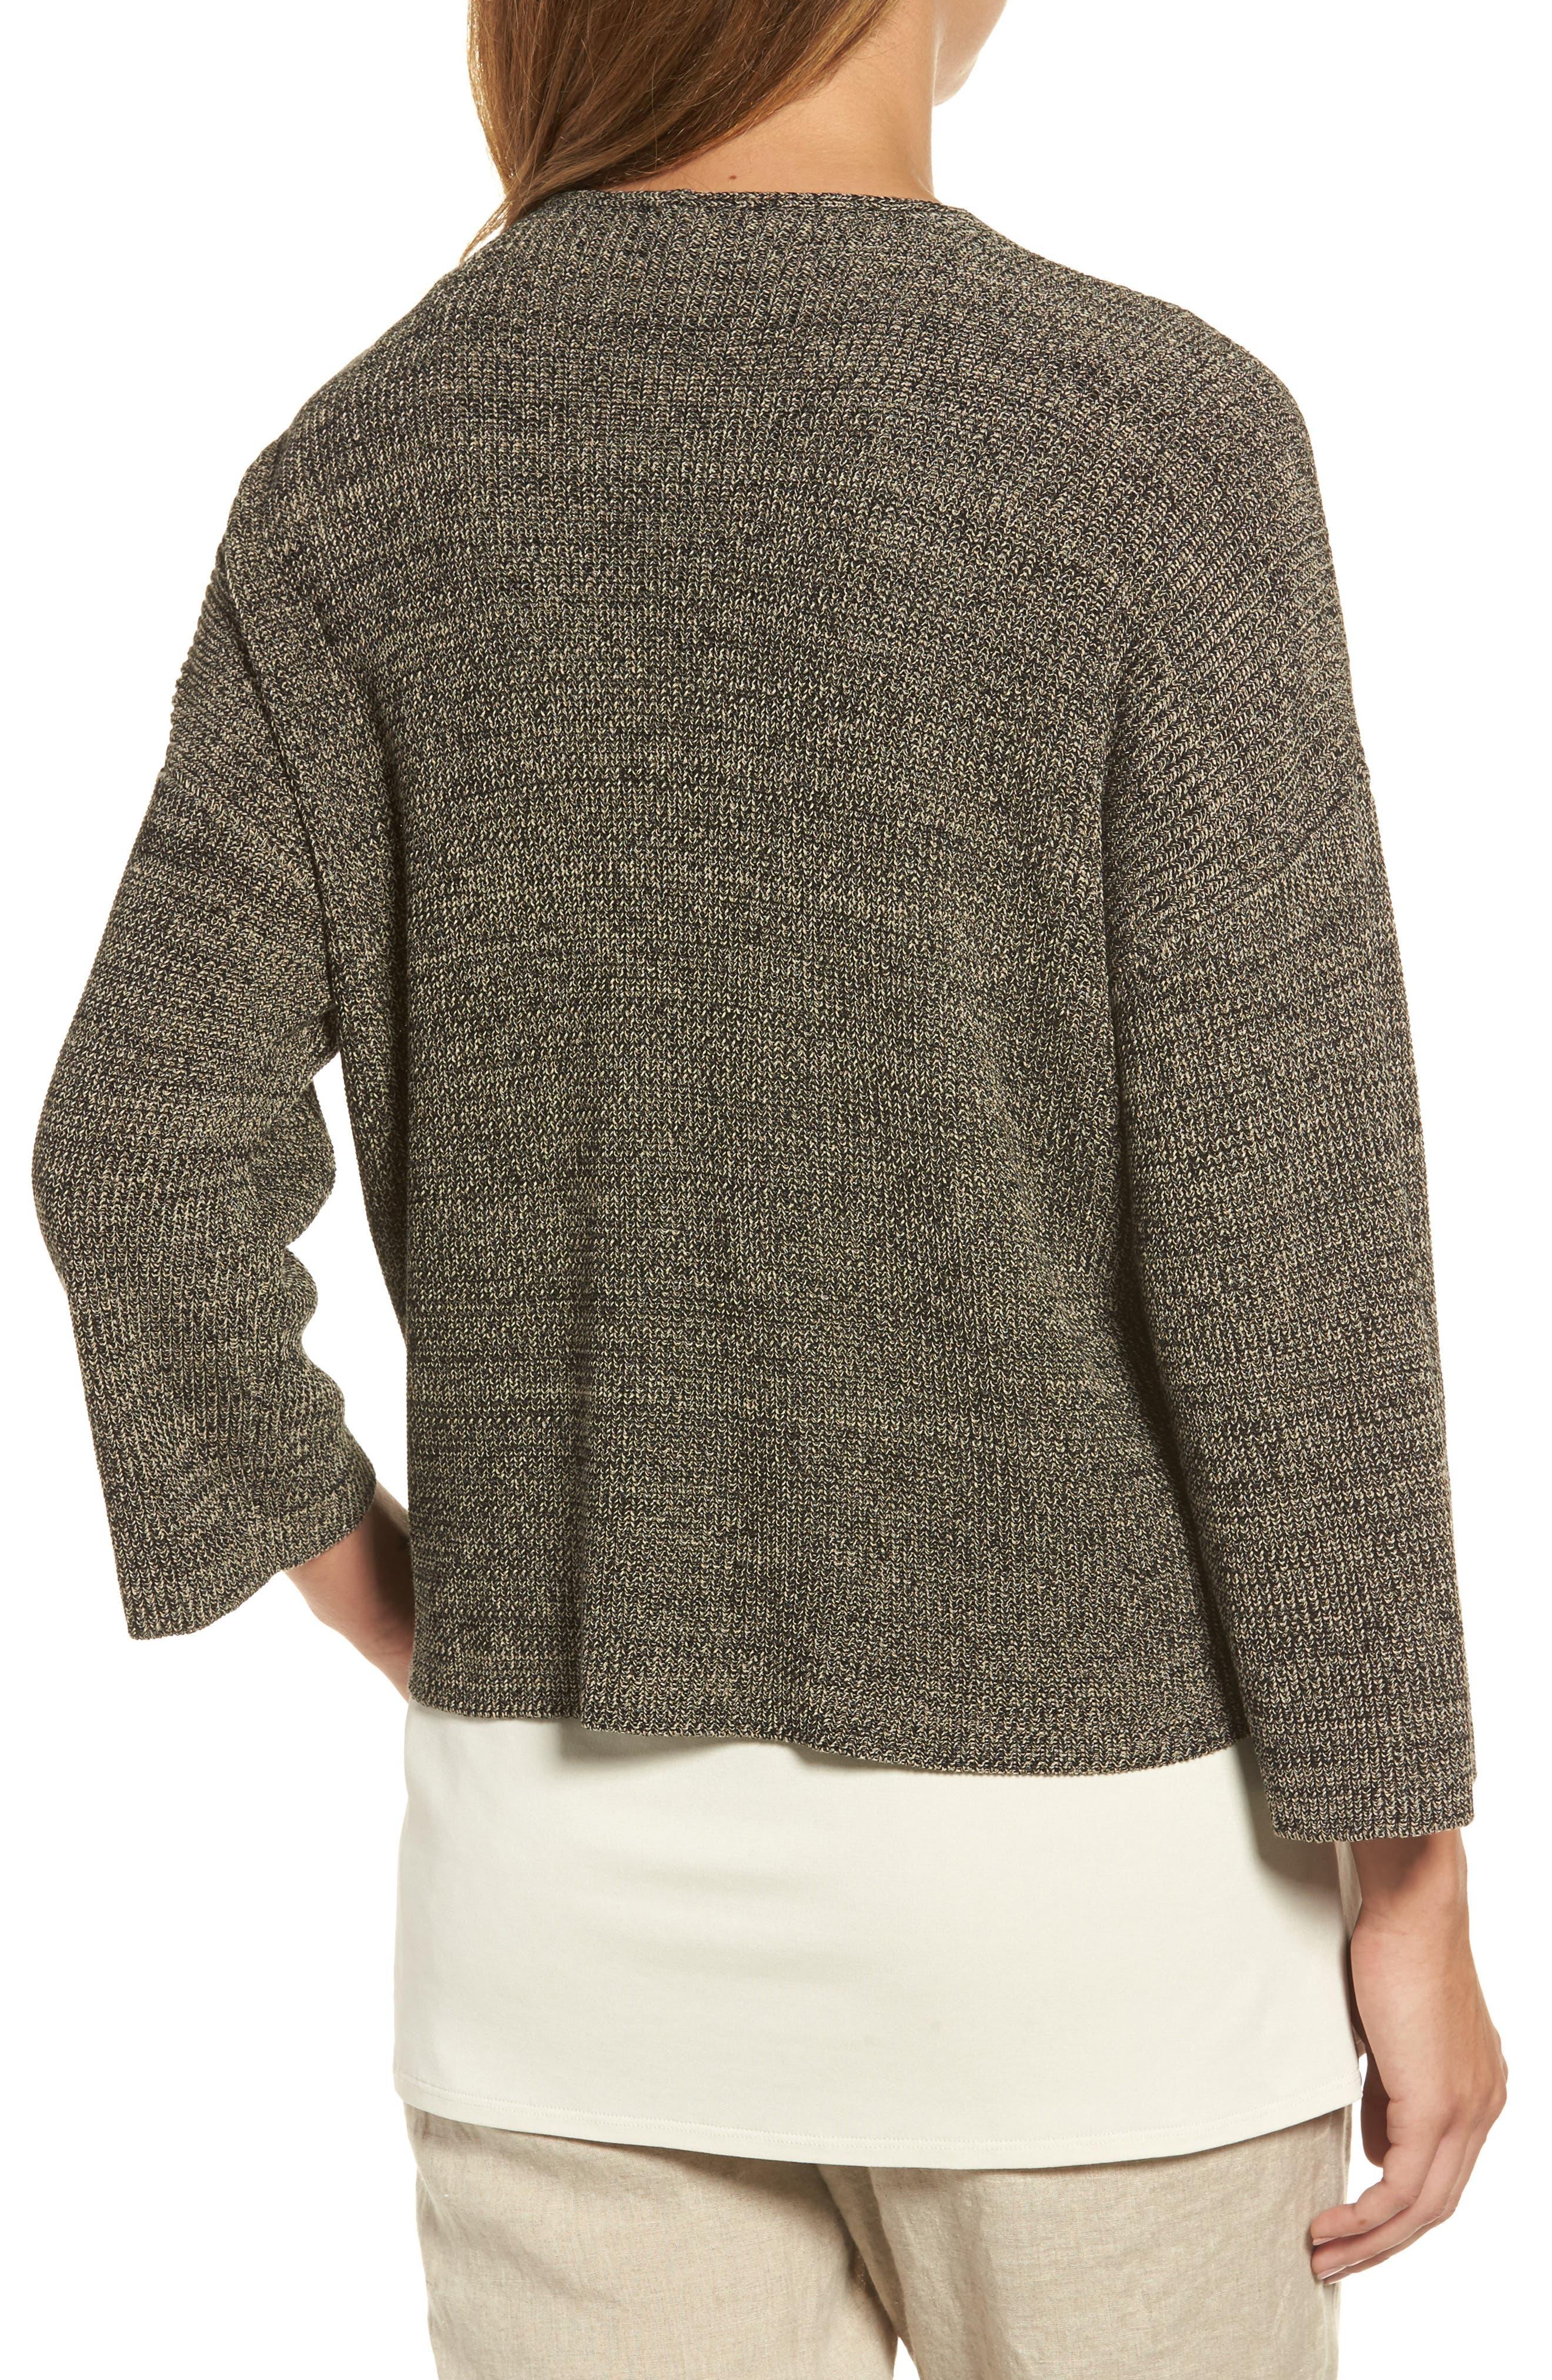 Mélange Knit Tencel<sup>®</sup> Crop Sweater,                             Alternate thumbnail 2, color,                             001